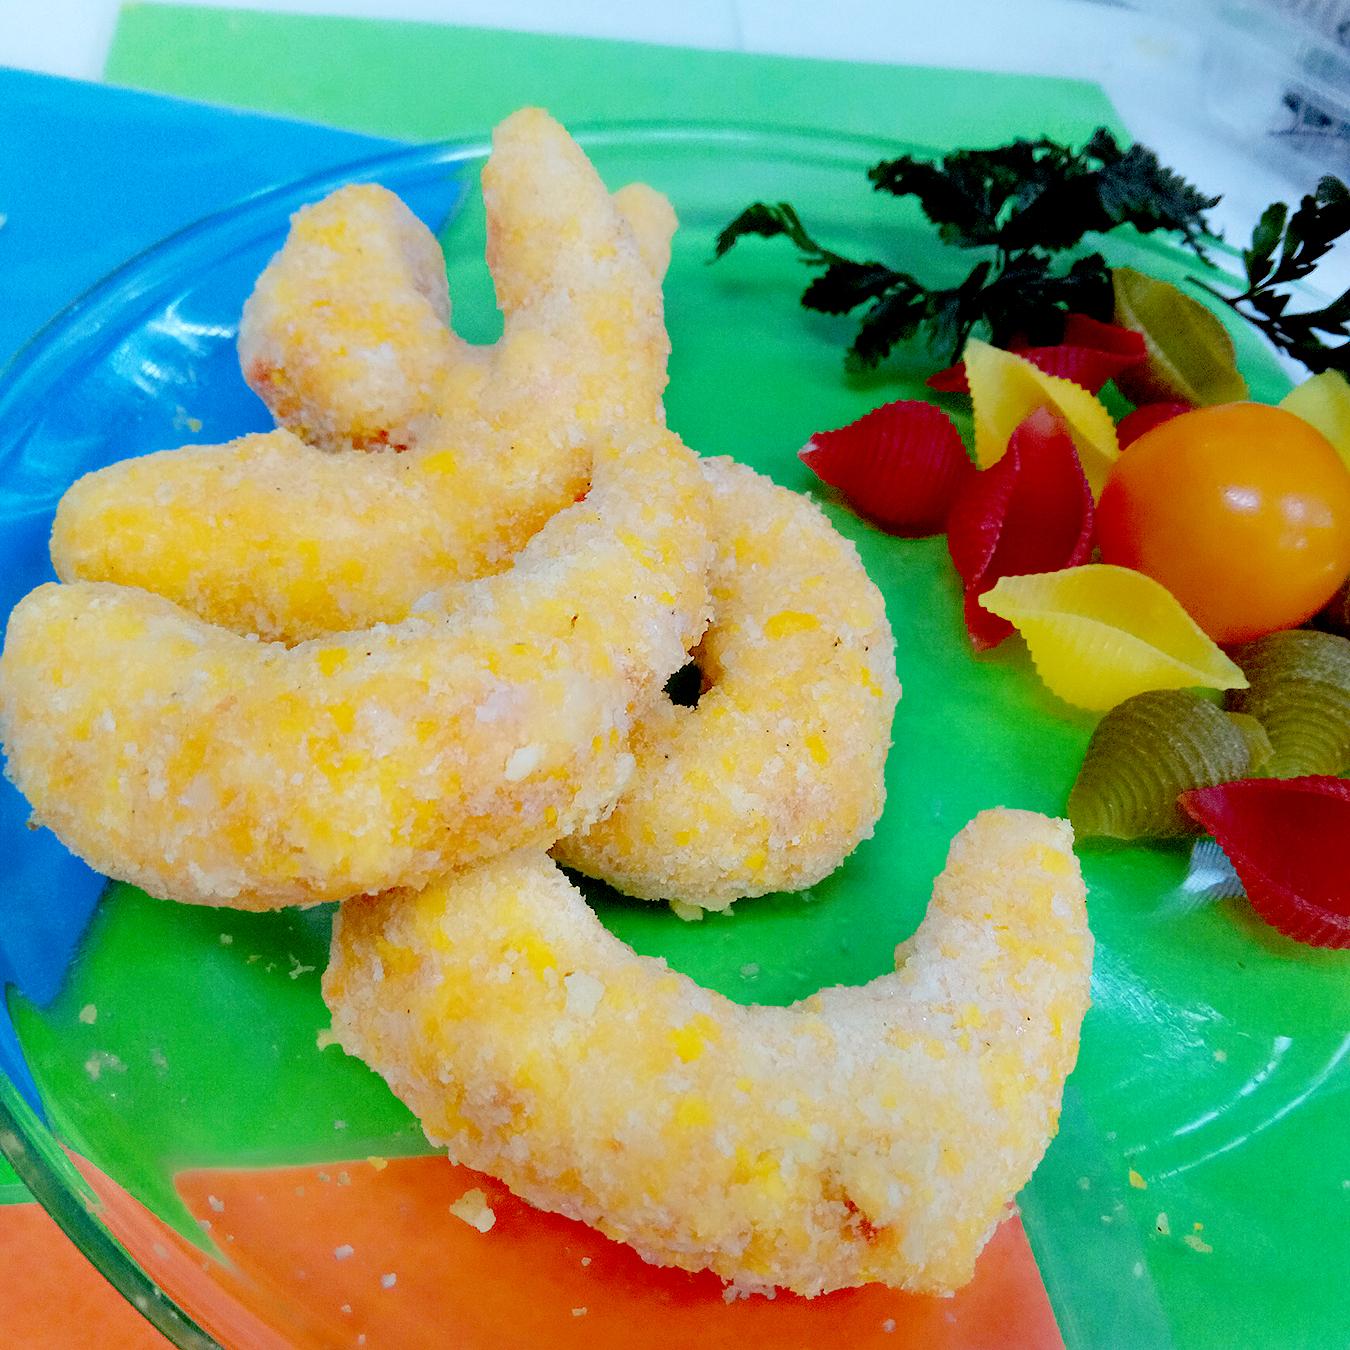 Image Vegan Lemon Shrimp 诚信 - 柠檬虾 500grams